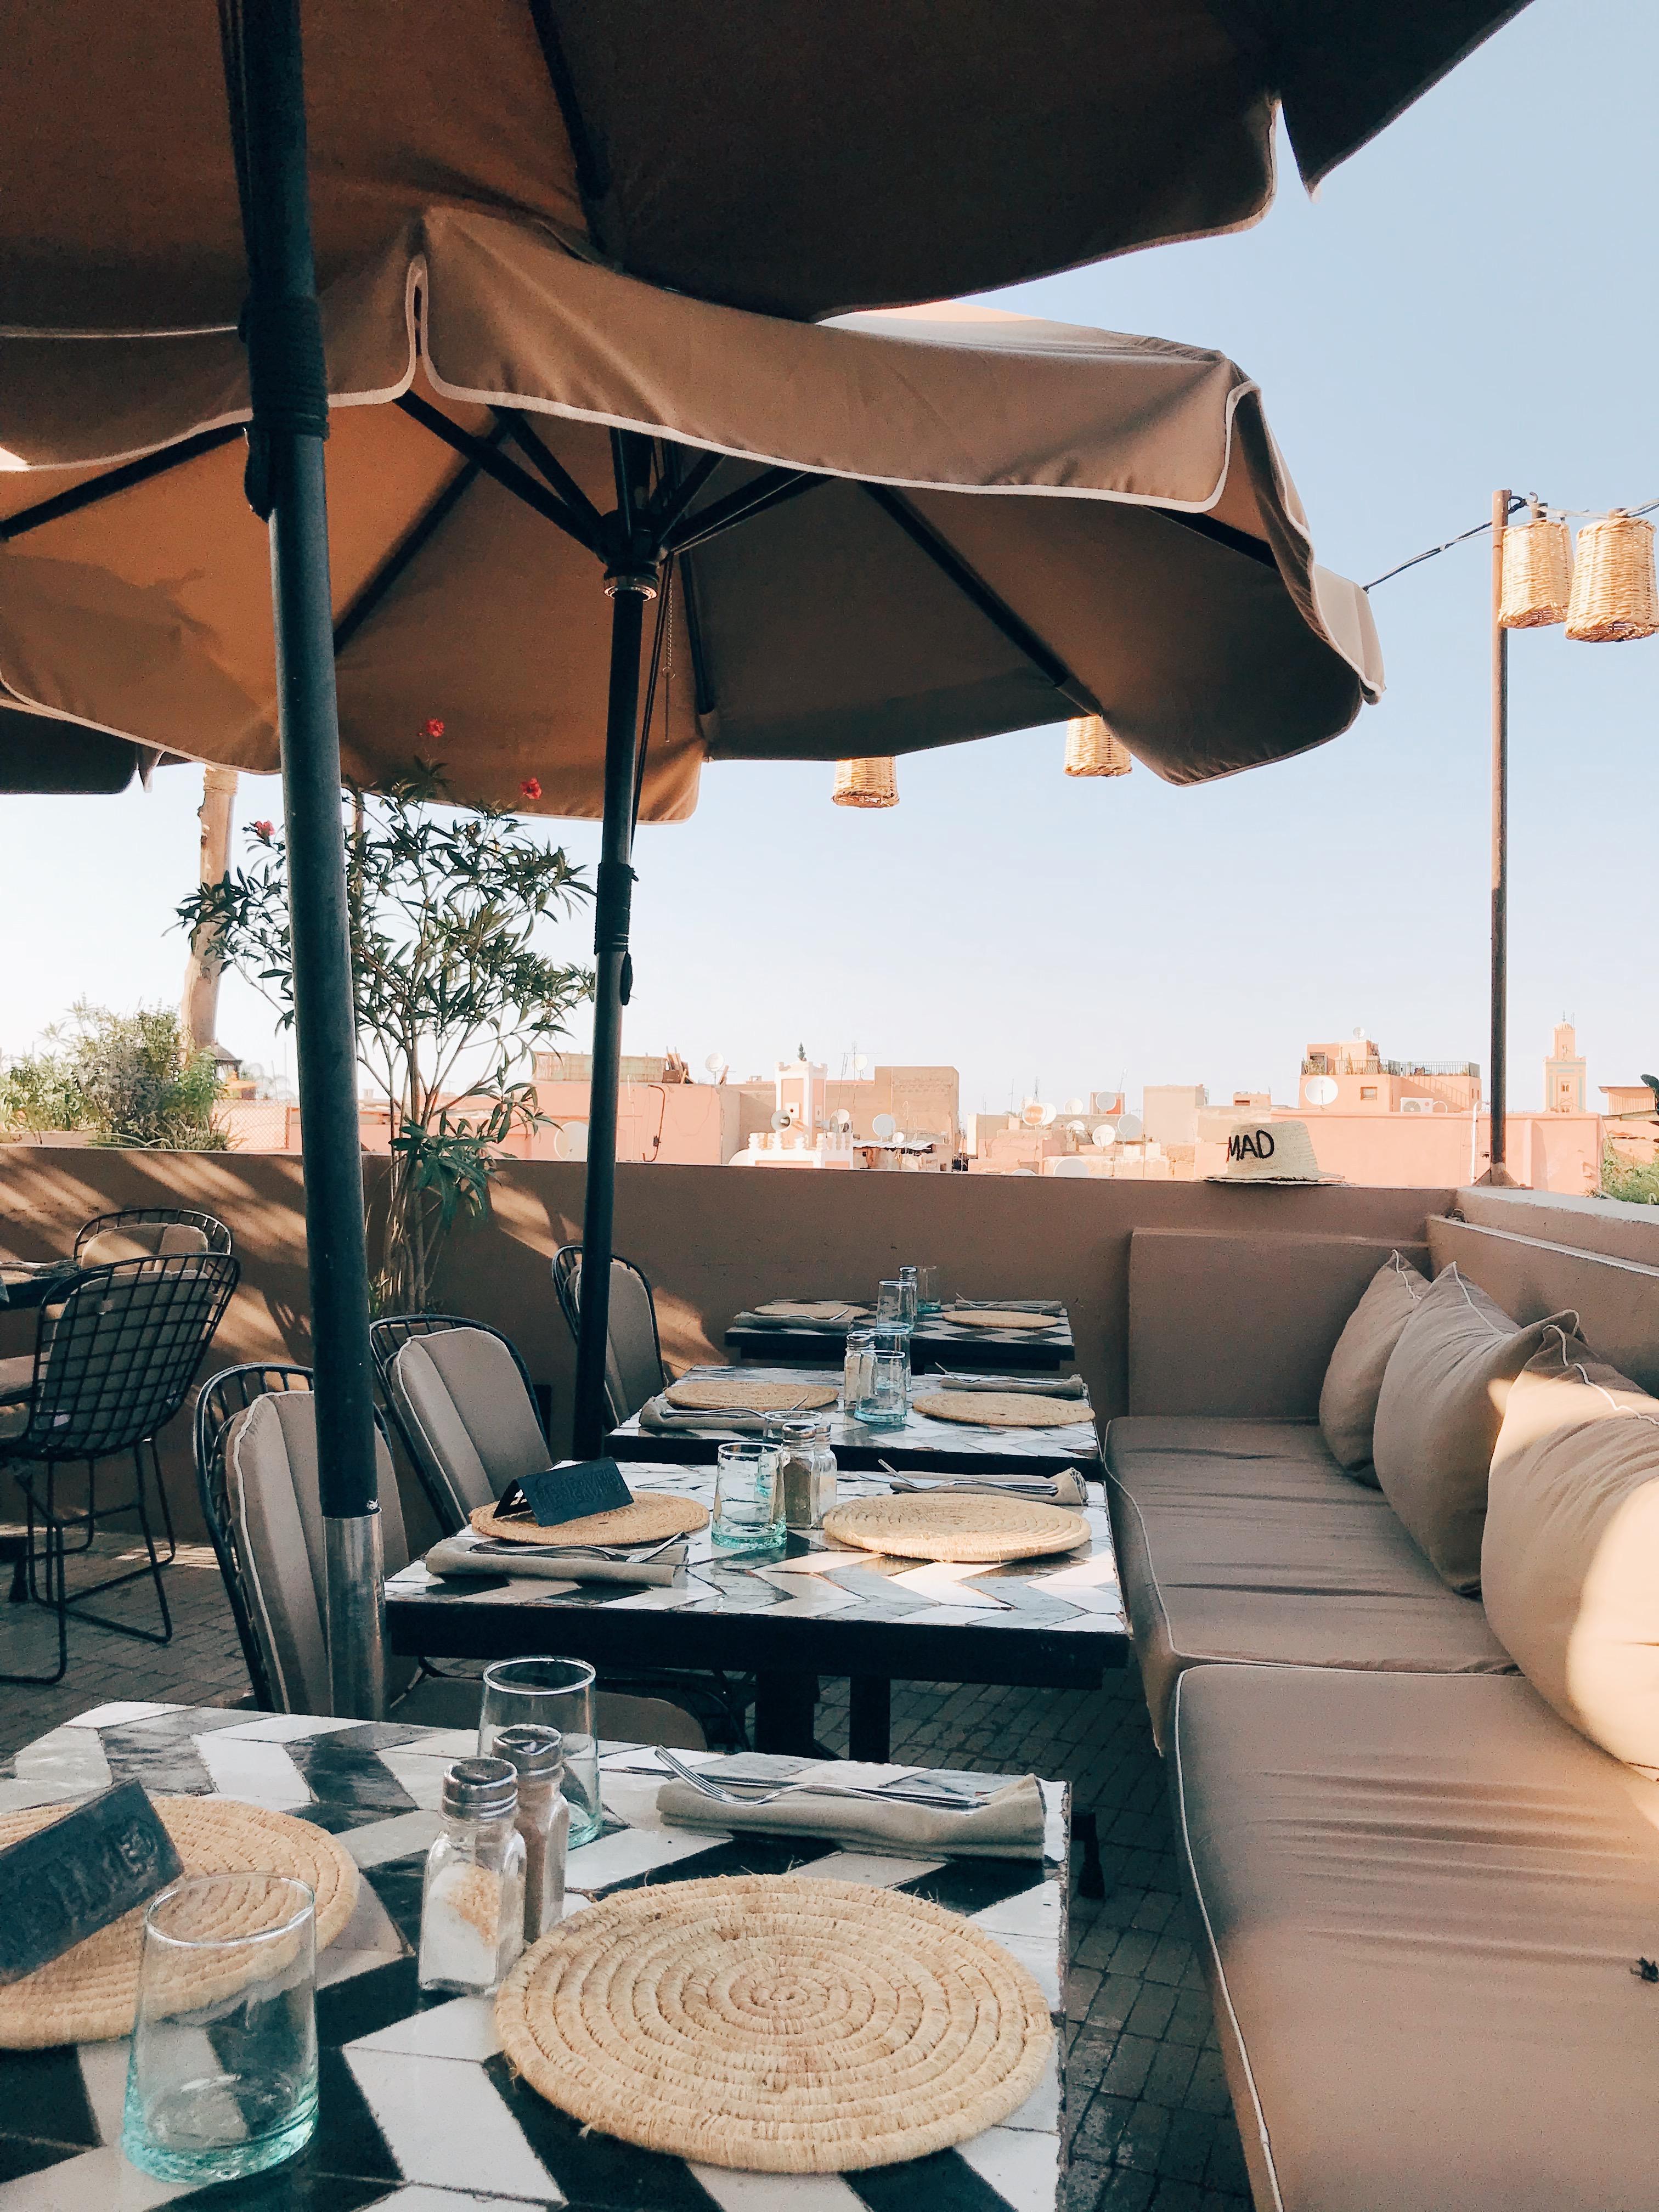 Dachterrasse im NOMAD in Marrakesch